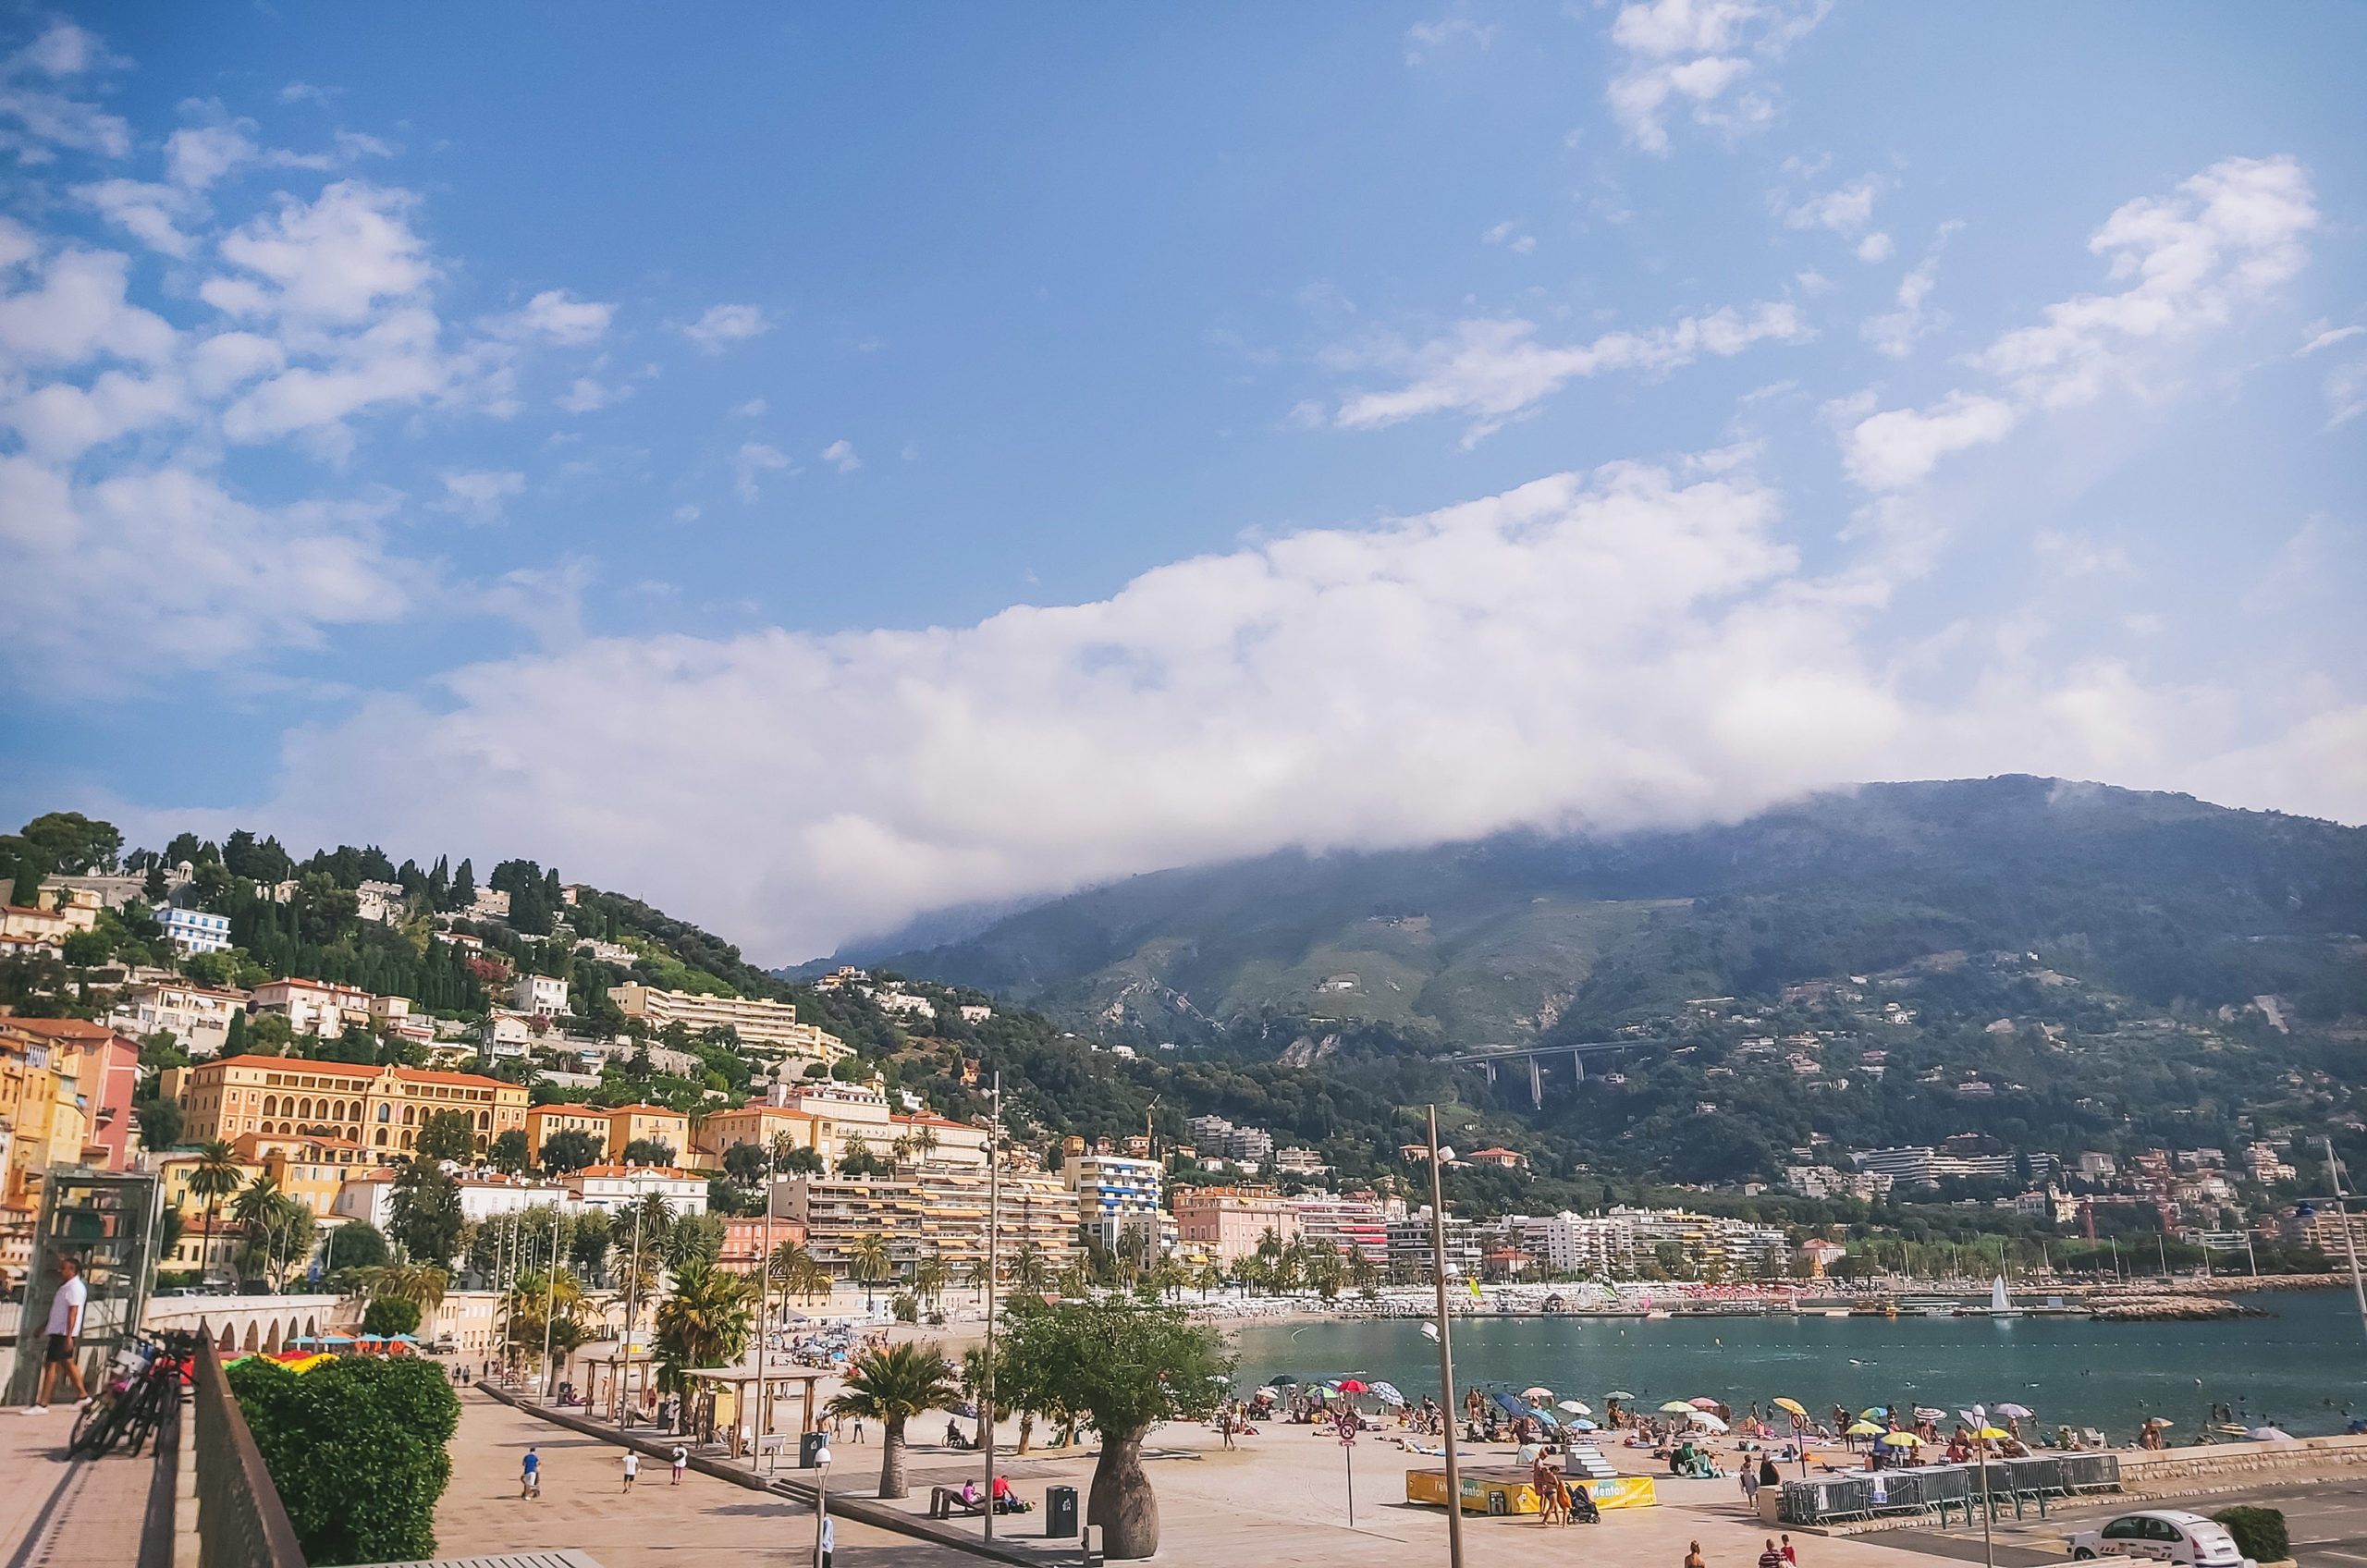 5 choses à faire sans voiture dans la Riviera autour de Nice - Menton Côte d'Azur